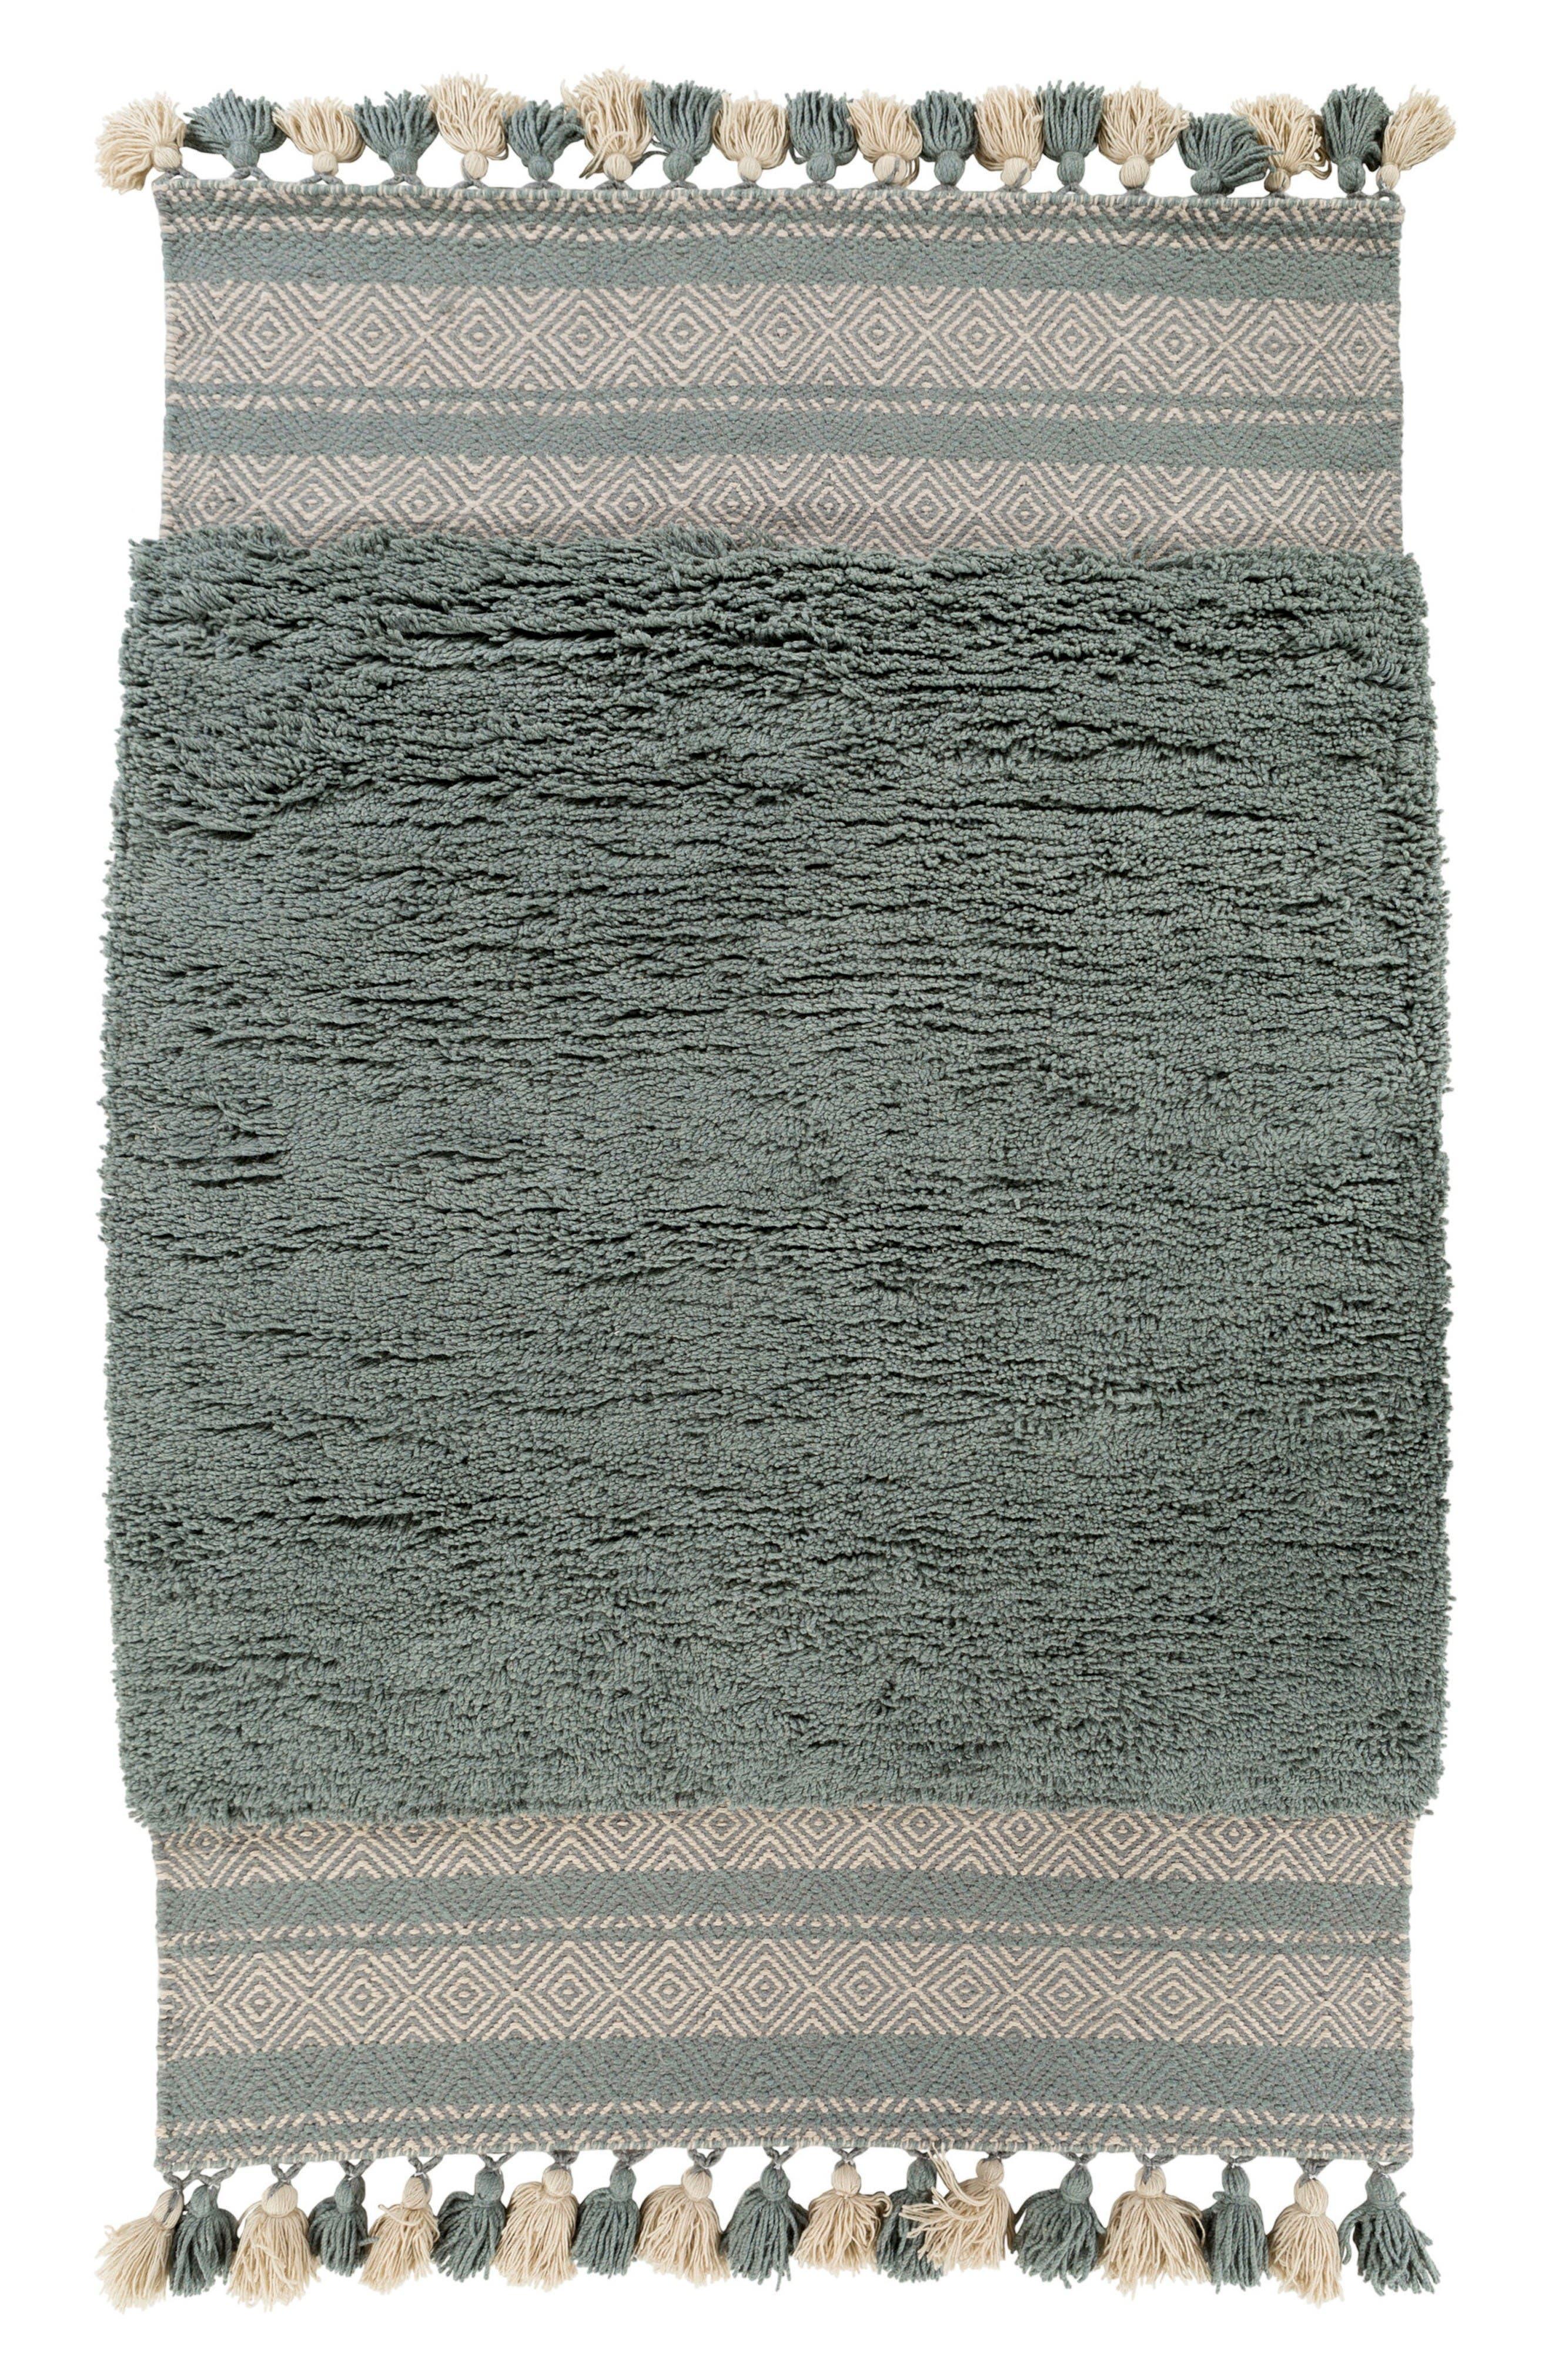 Main Image - Surya Home Korva Modern Handwoven Rug